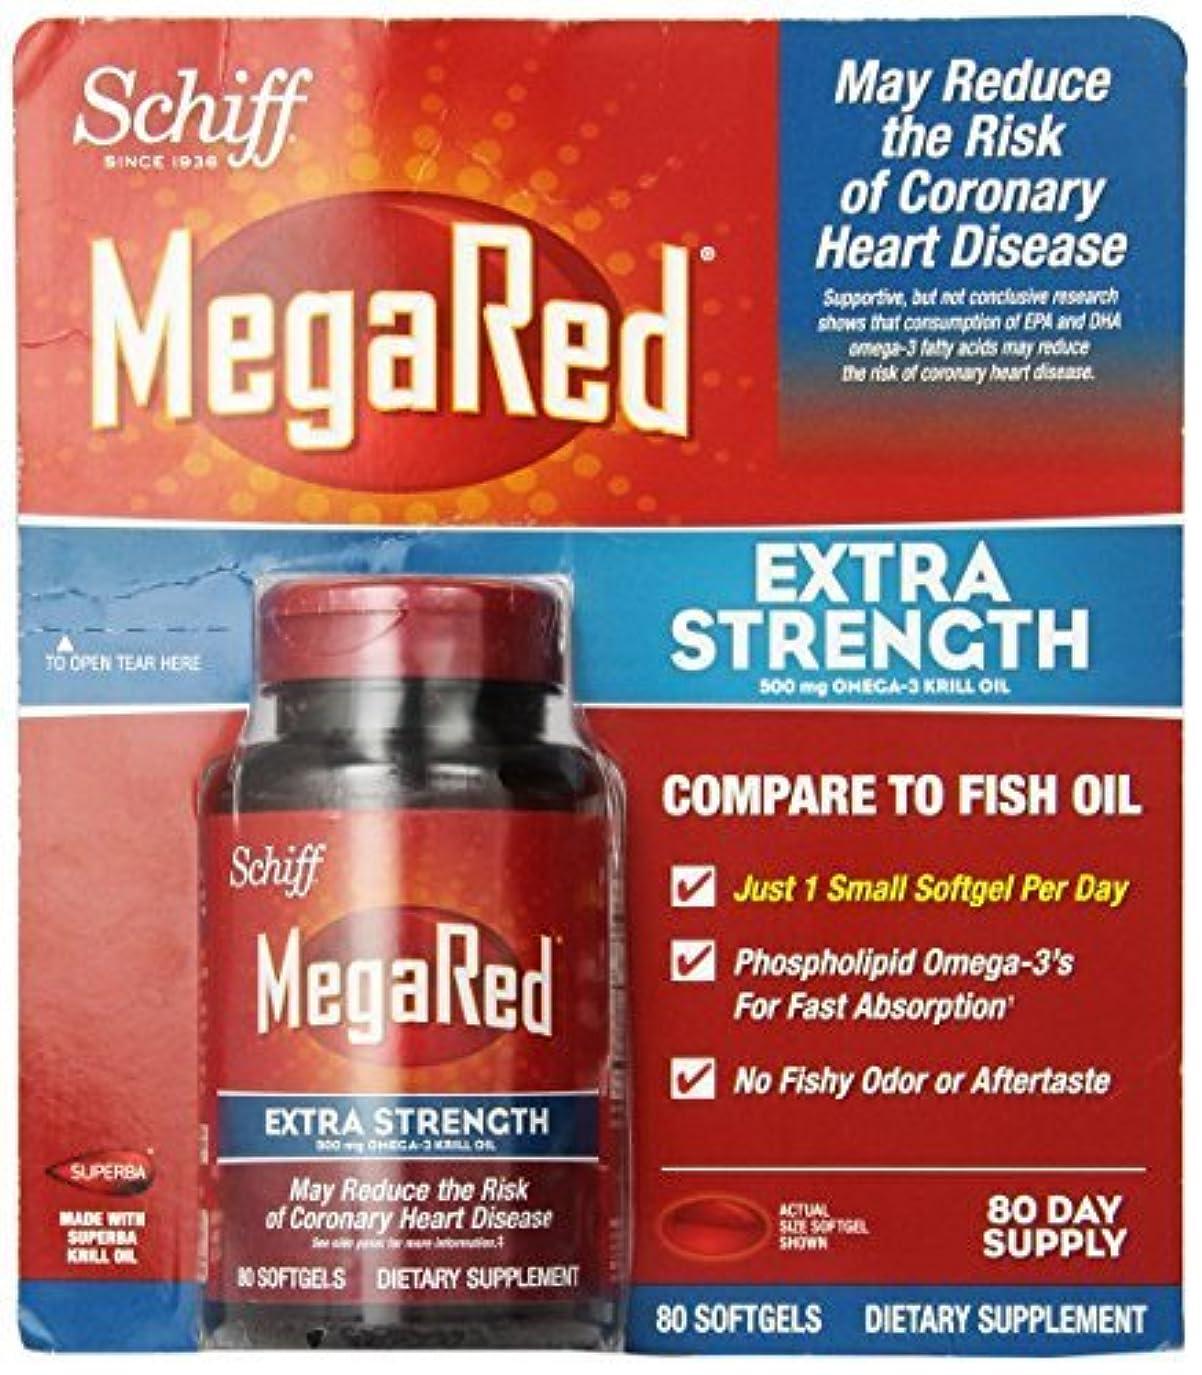 誇りに思う刺す統治するSchiff MegaRed Extra Strength 500mg Omega 3 Krill Oil Softgel, (80 ct) by Megared [並行輸入品]